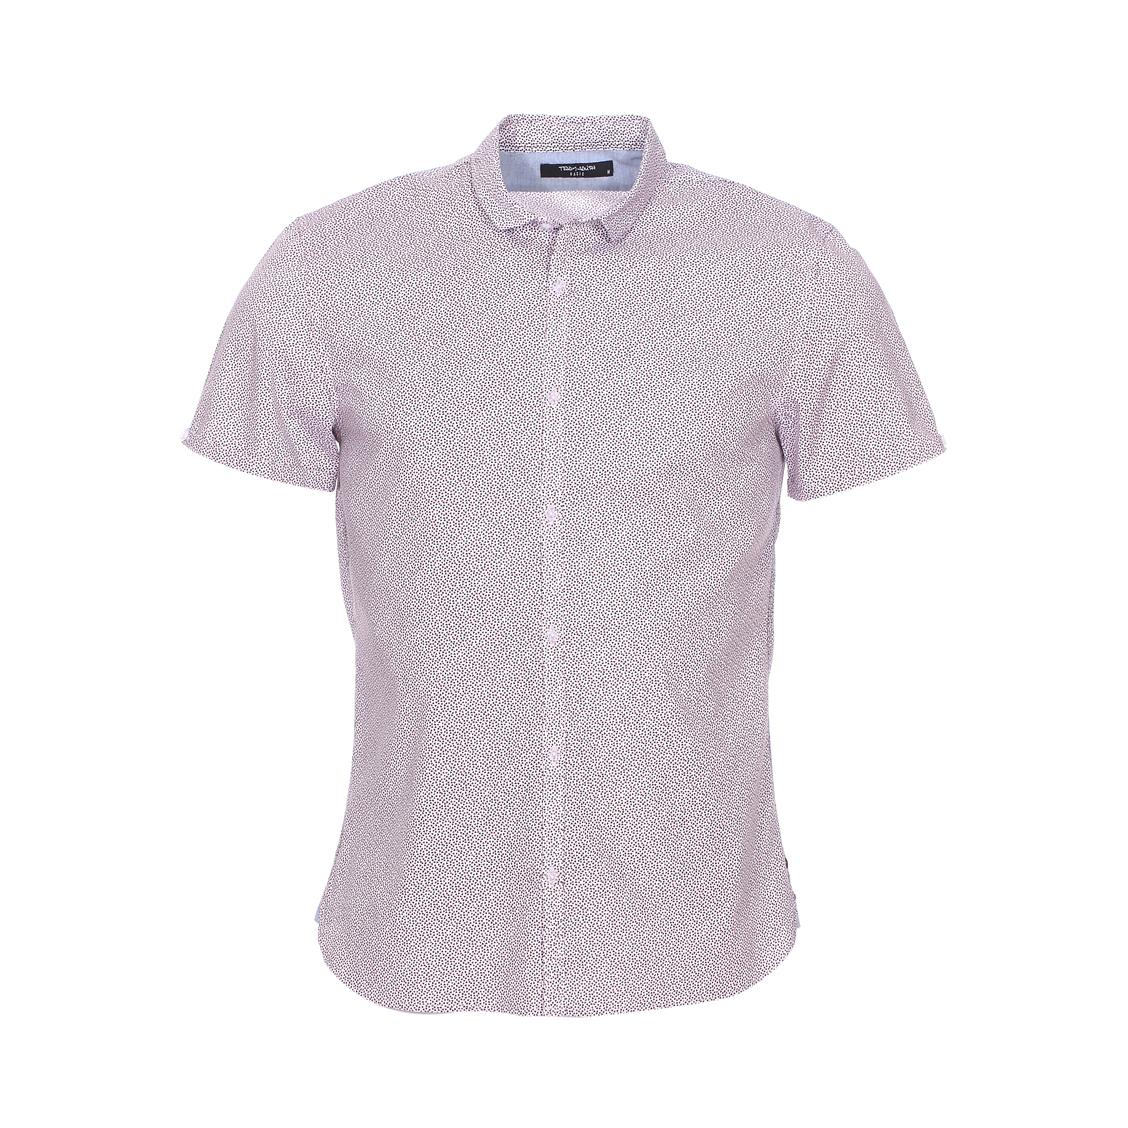 Chemise ajustée  carmon mc en coton mélangé blanc à motifs bleus et rouges